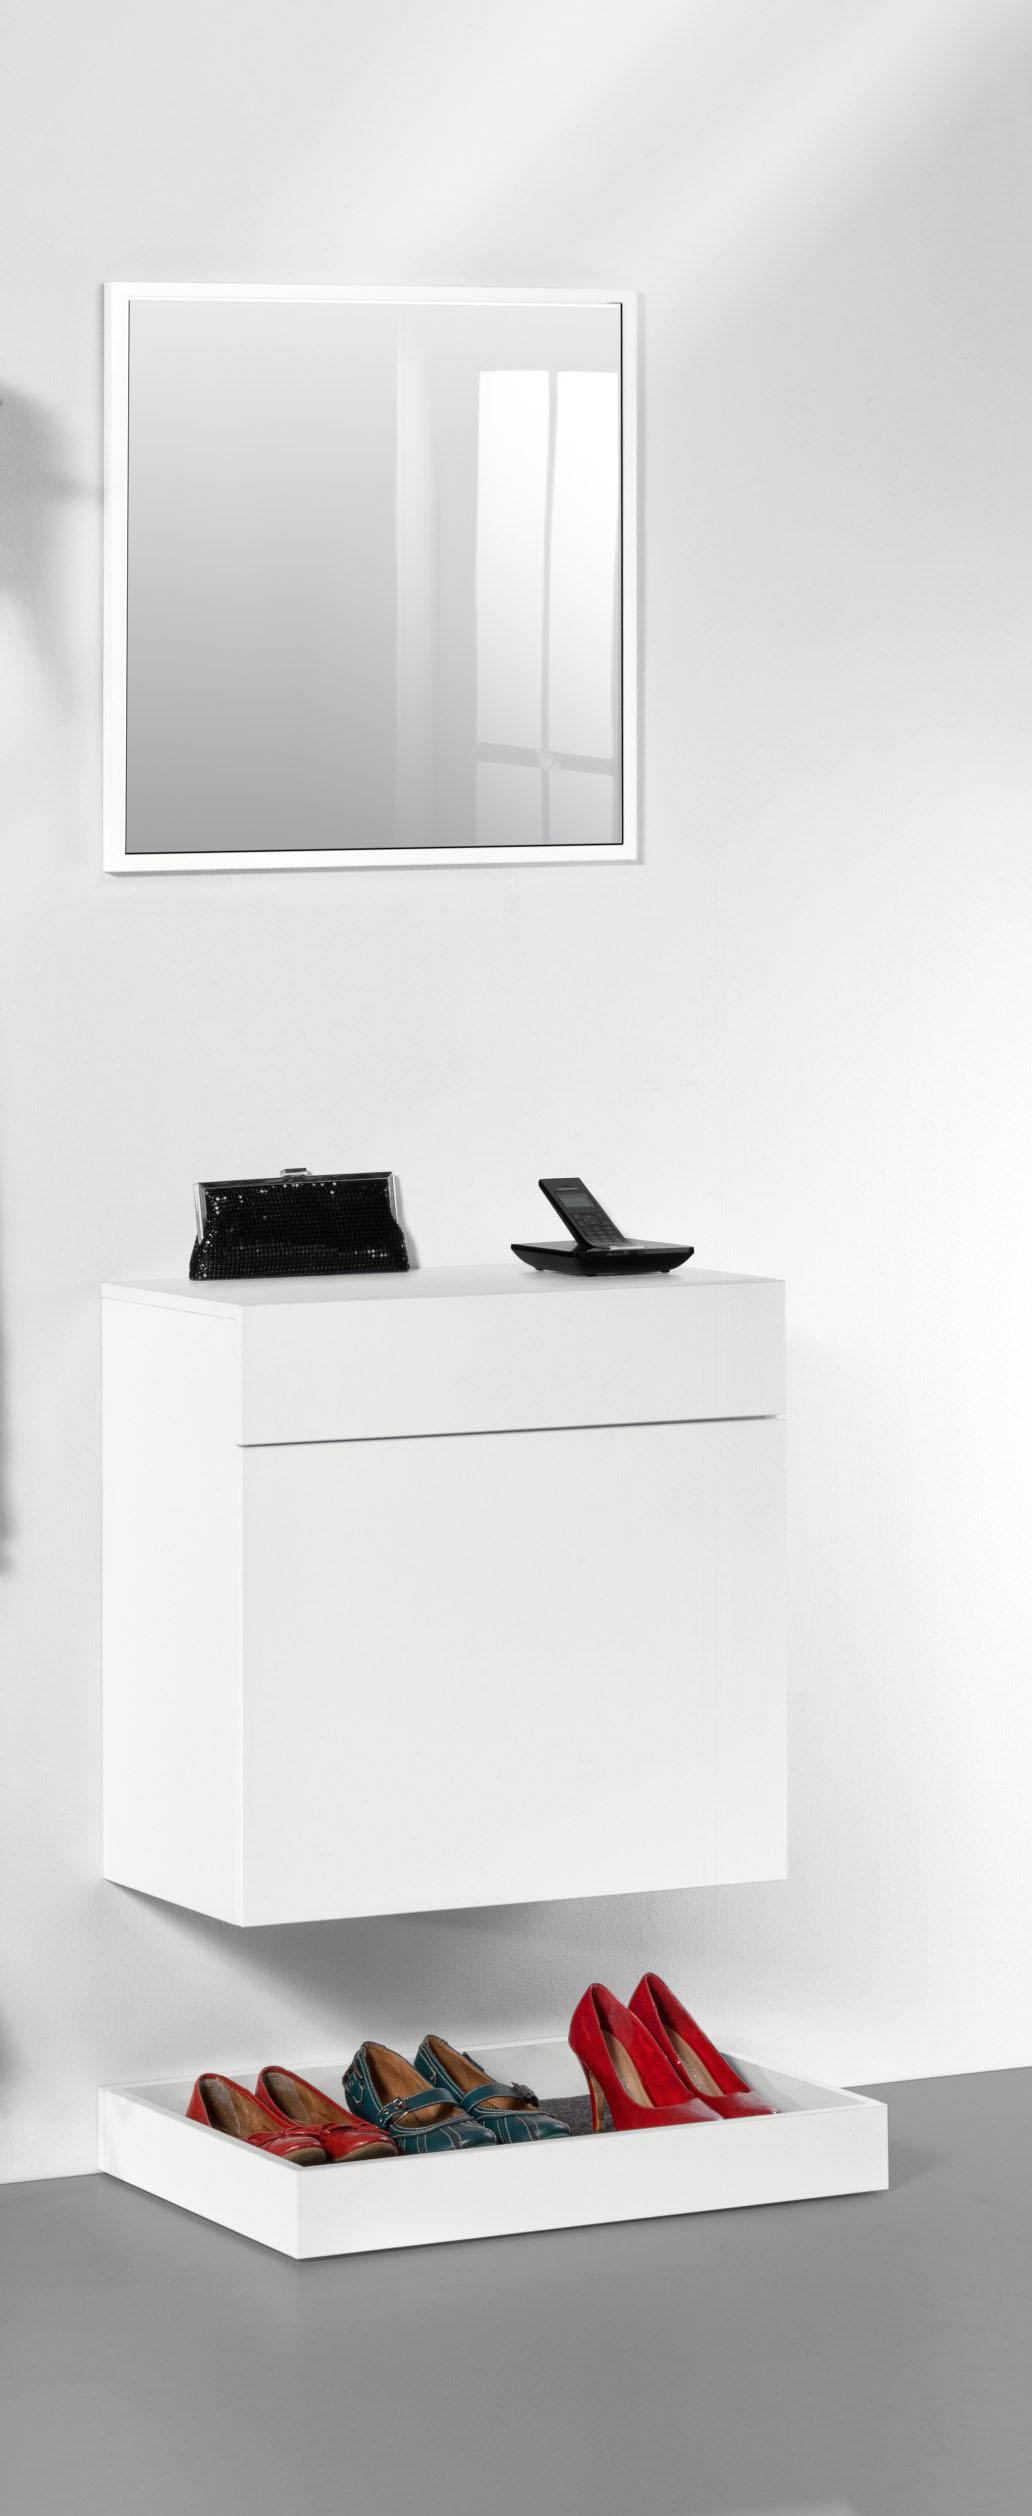 wandgarderobe h ngeschrank schuhschrank garderobenset paneel sonoma eiche weiss ebay. Black Bedroom Furniture Sets. Home Design Ideas